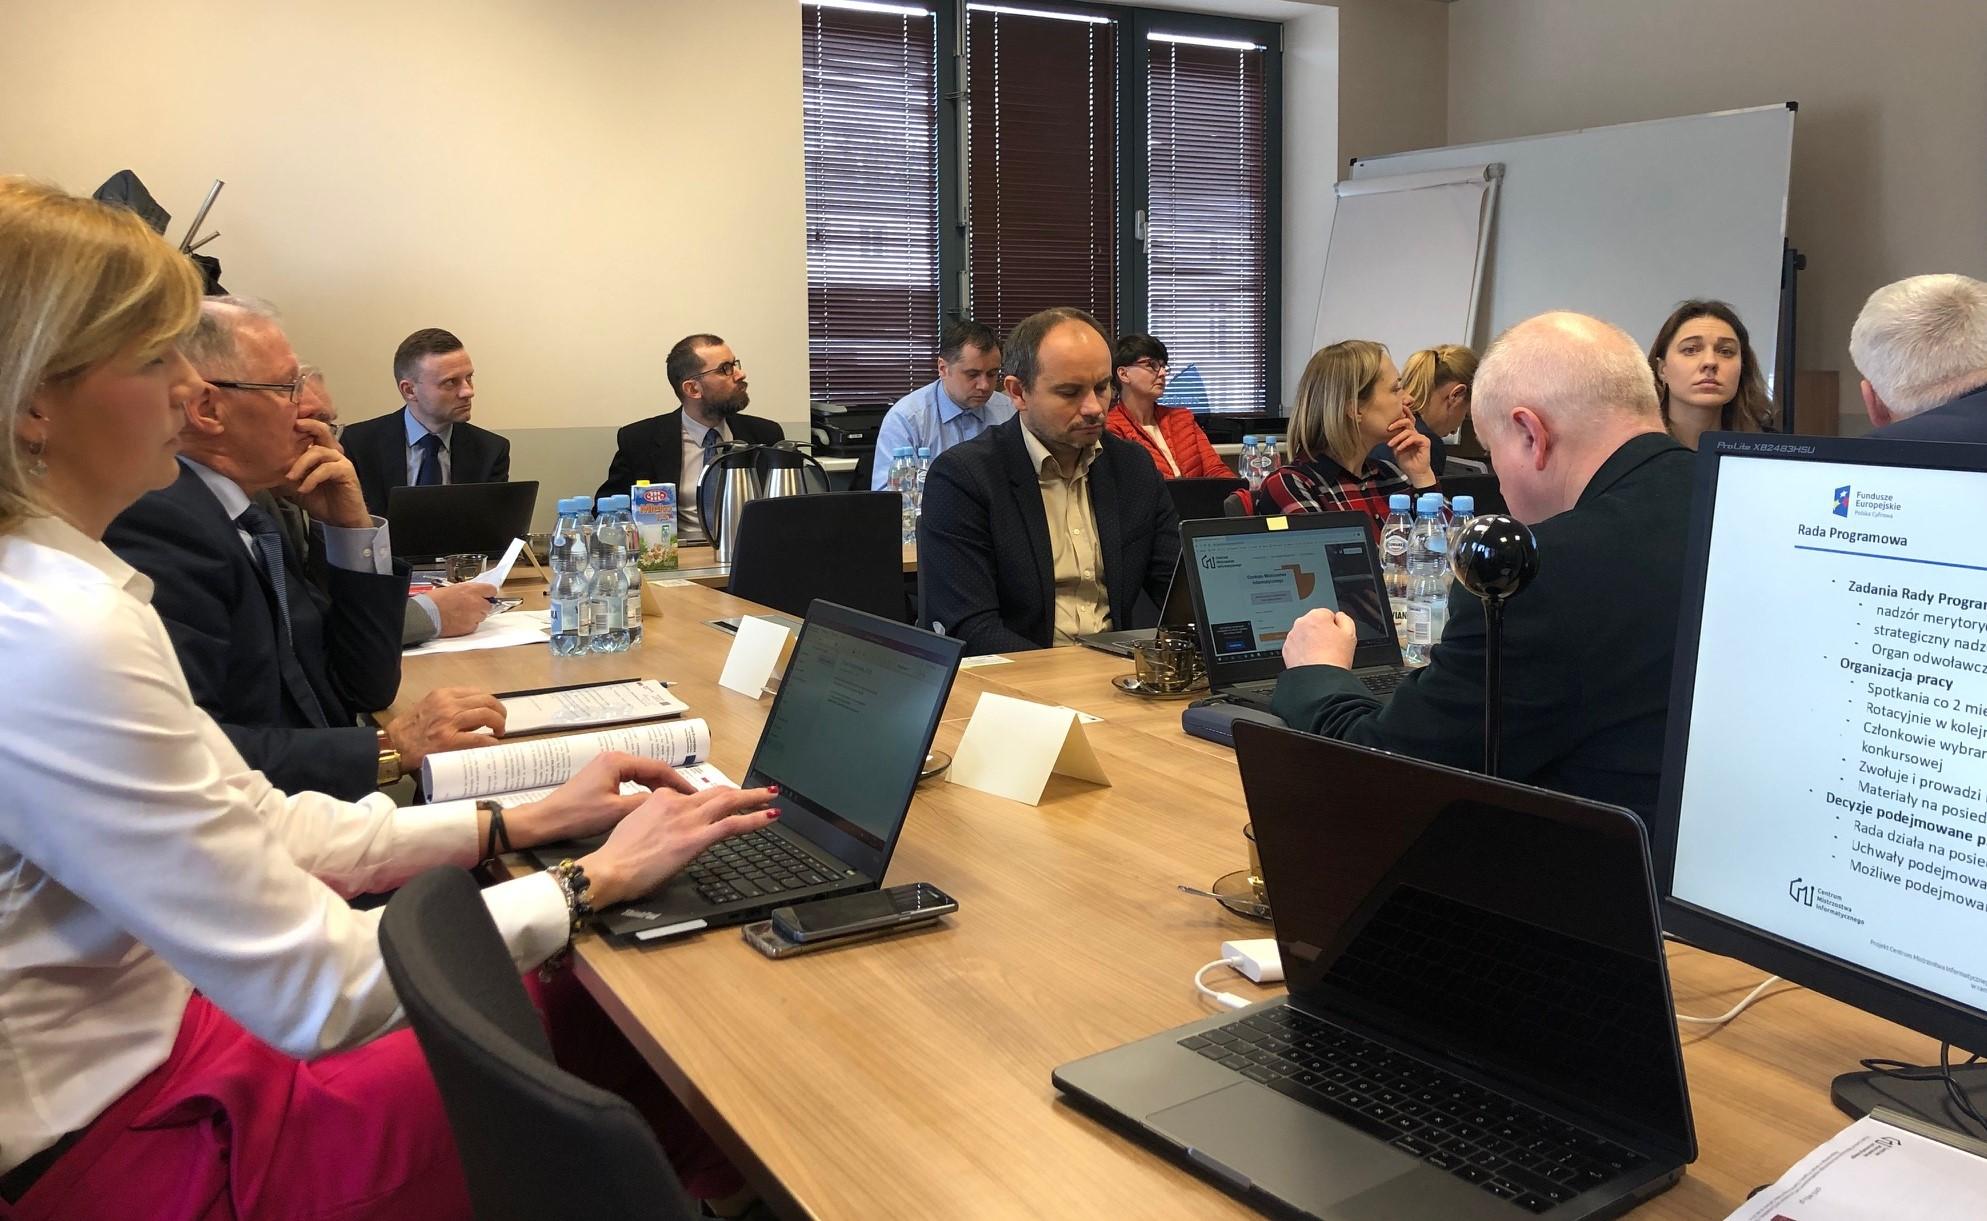 Osoby odpowiedzialne za projekt CMI siedzą przy stole podczas spotkania Rady Programowej.